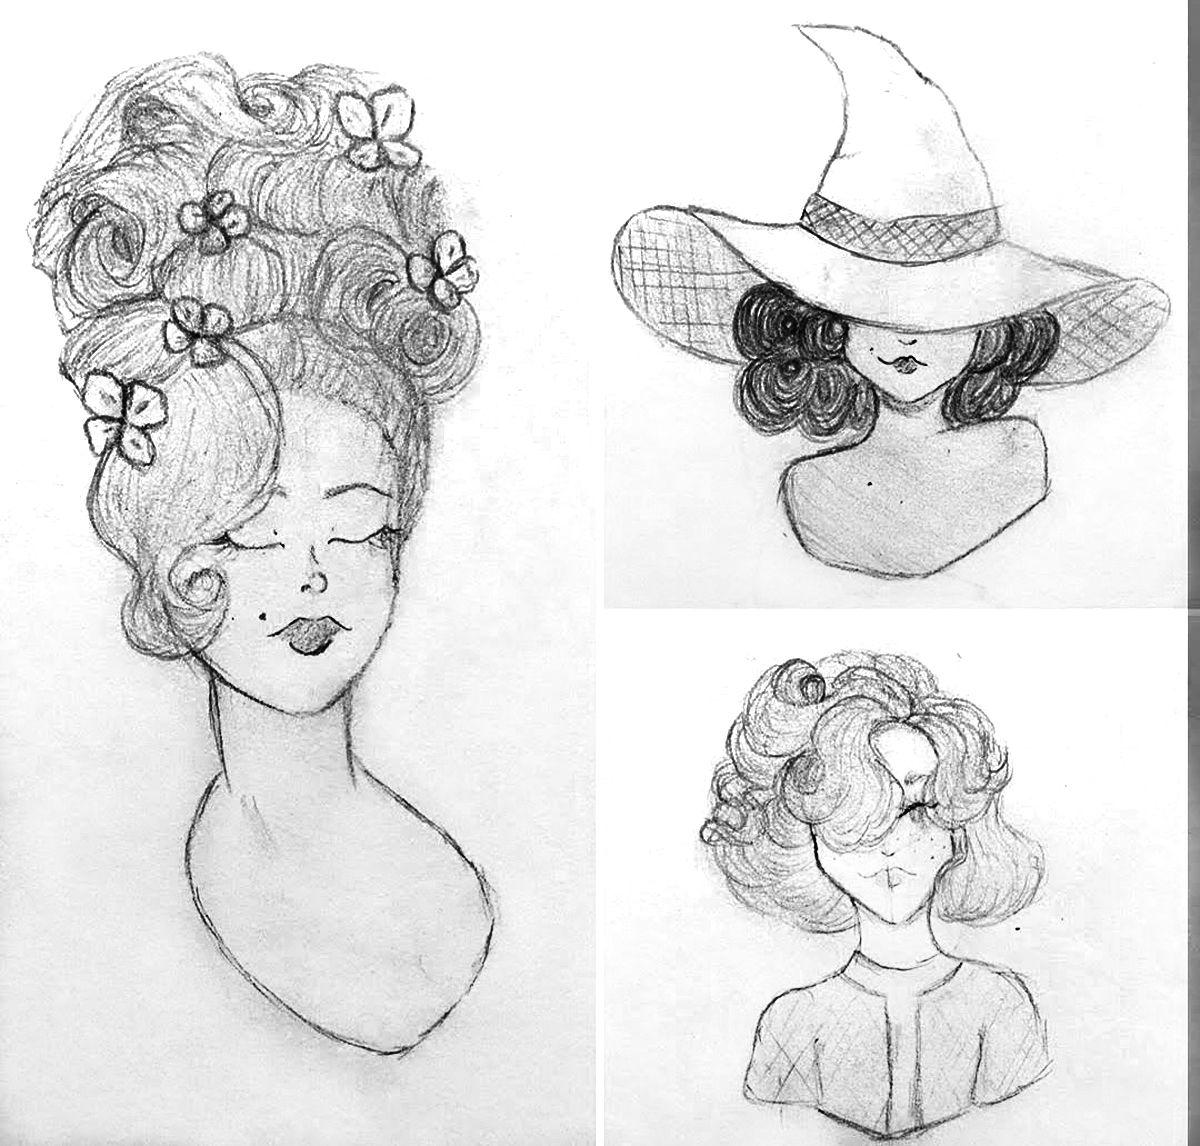 Drawings by Kodie Kiser